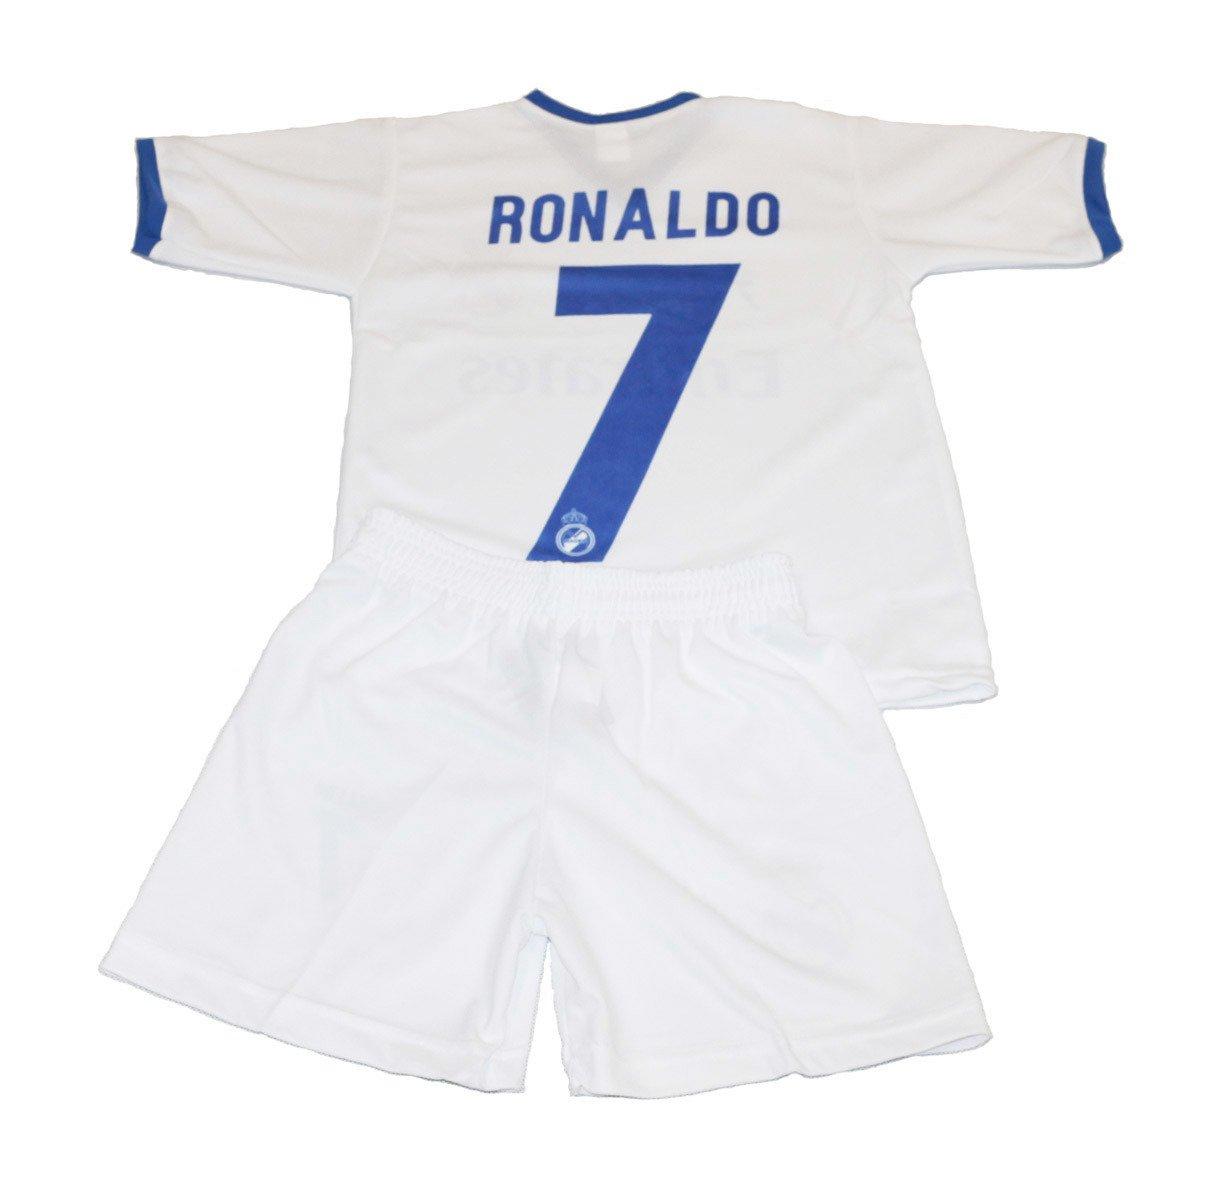 9c32788f9f796e ... Komplet piłkarski Reda Madrid Ronaldo 7 junior biało-niebieski Kliknij,  aby powiększyć